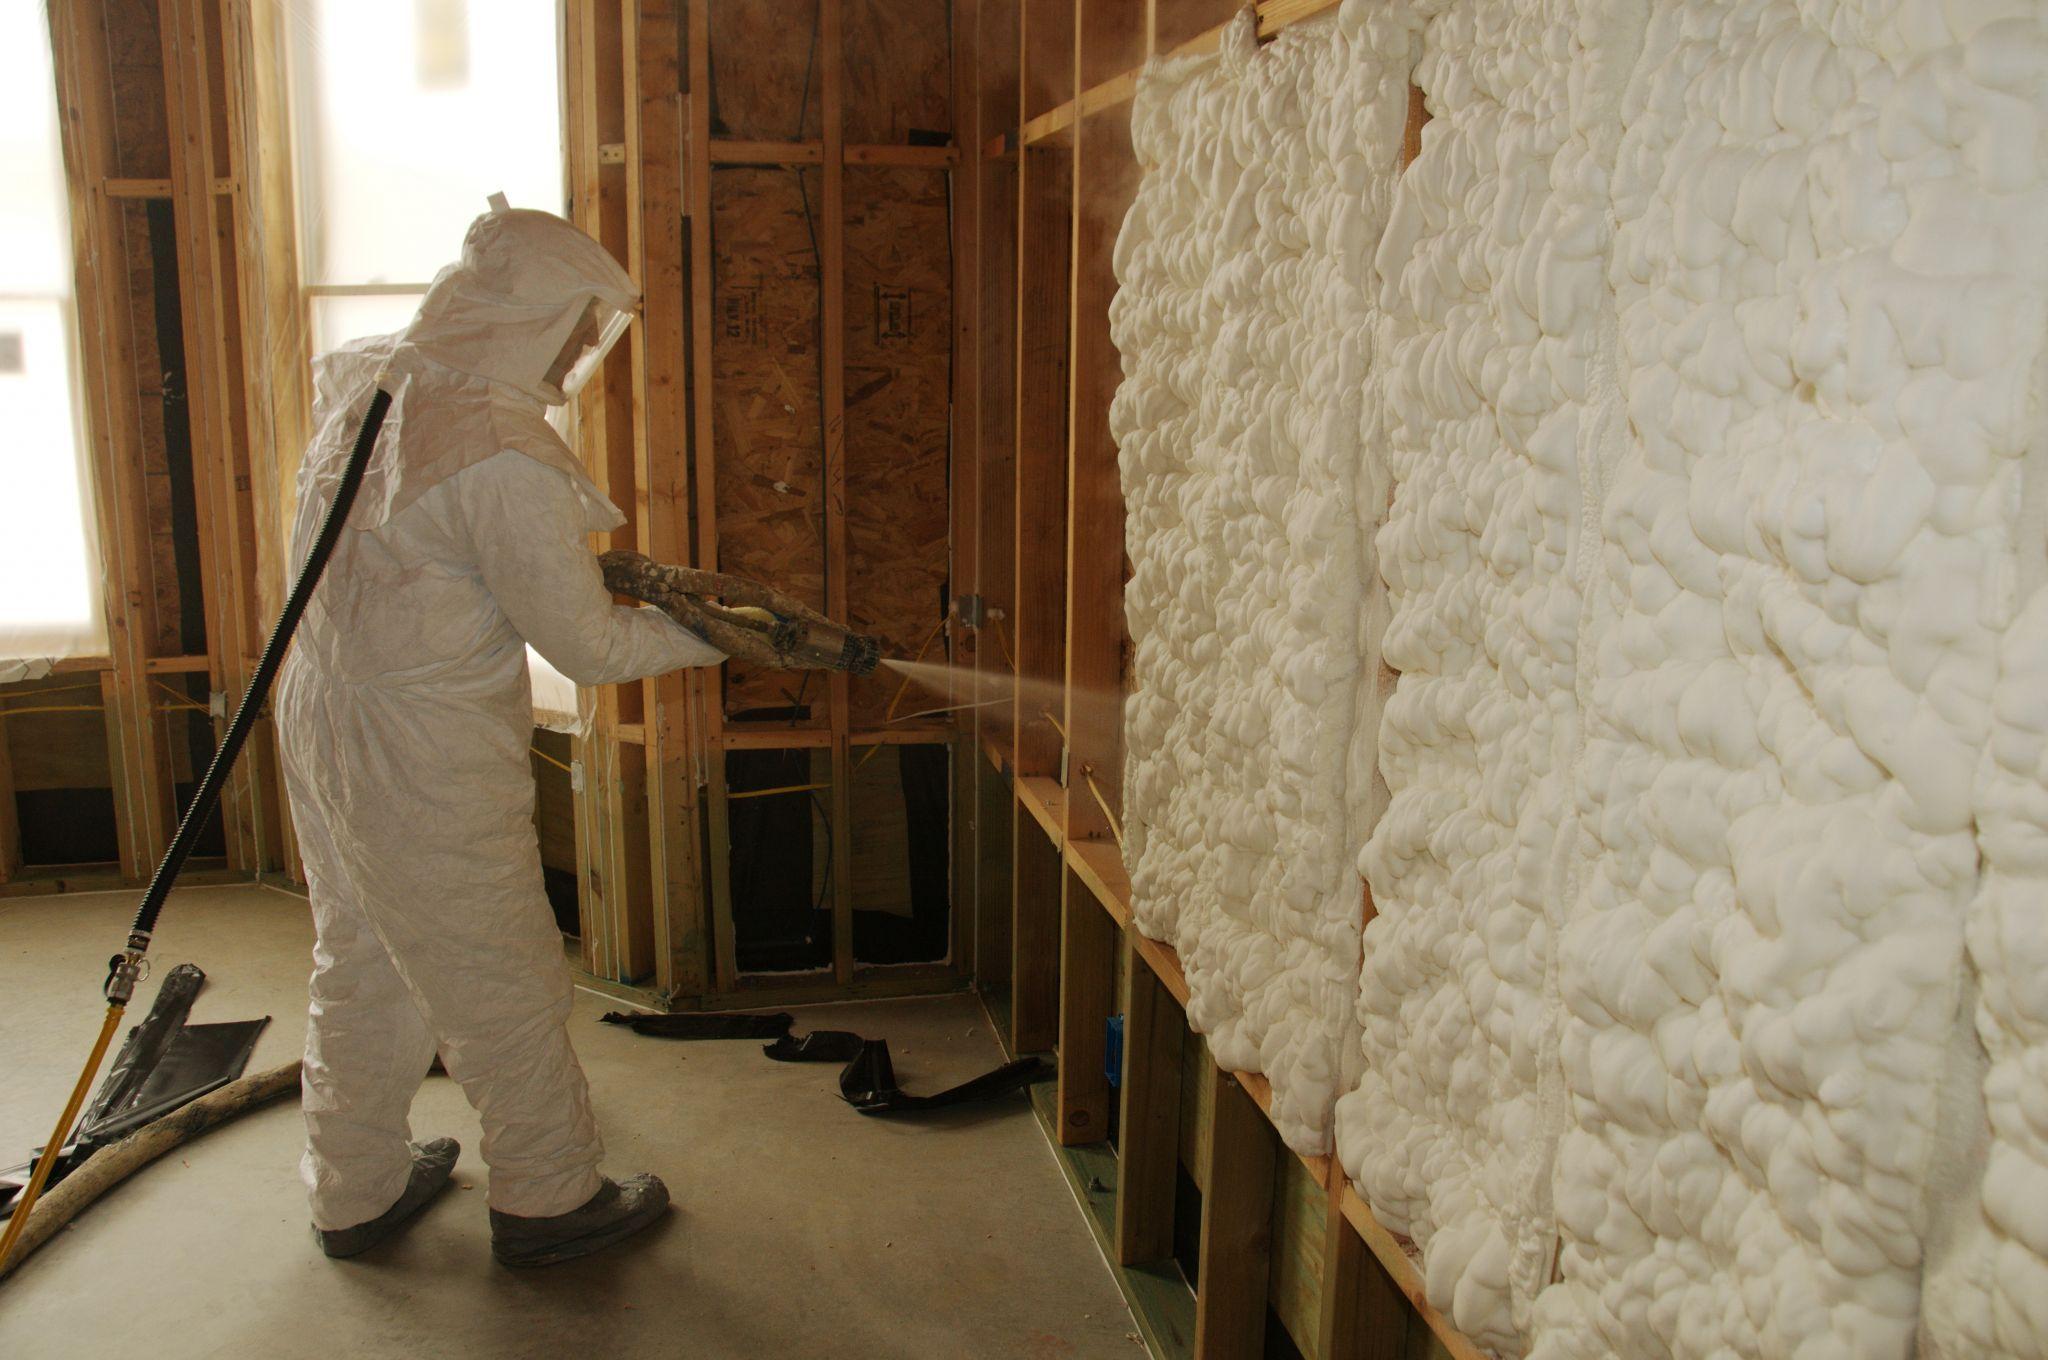 Aislamiento De Poliuretano Este Material Sirve No Solo Para No Dejar Pasar El Frio O El Calor Sino Tam Eficiencia Energetica En Edificios Azoteas Aislamiento